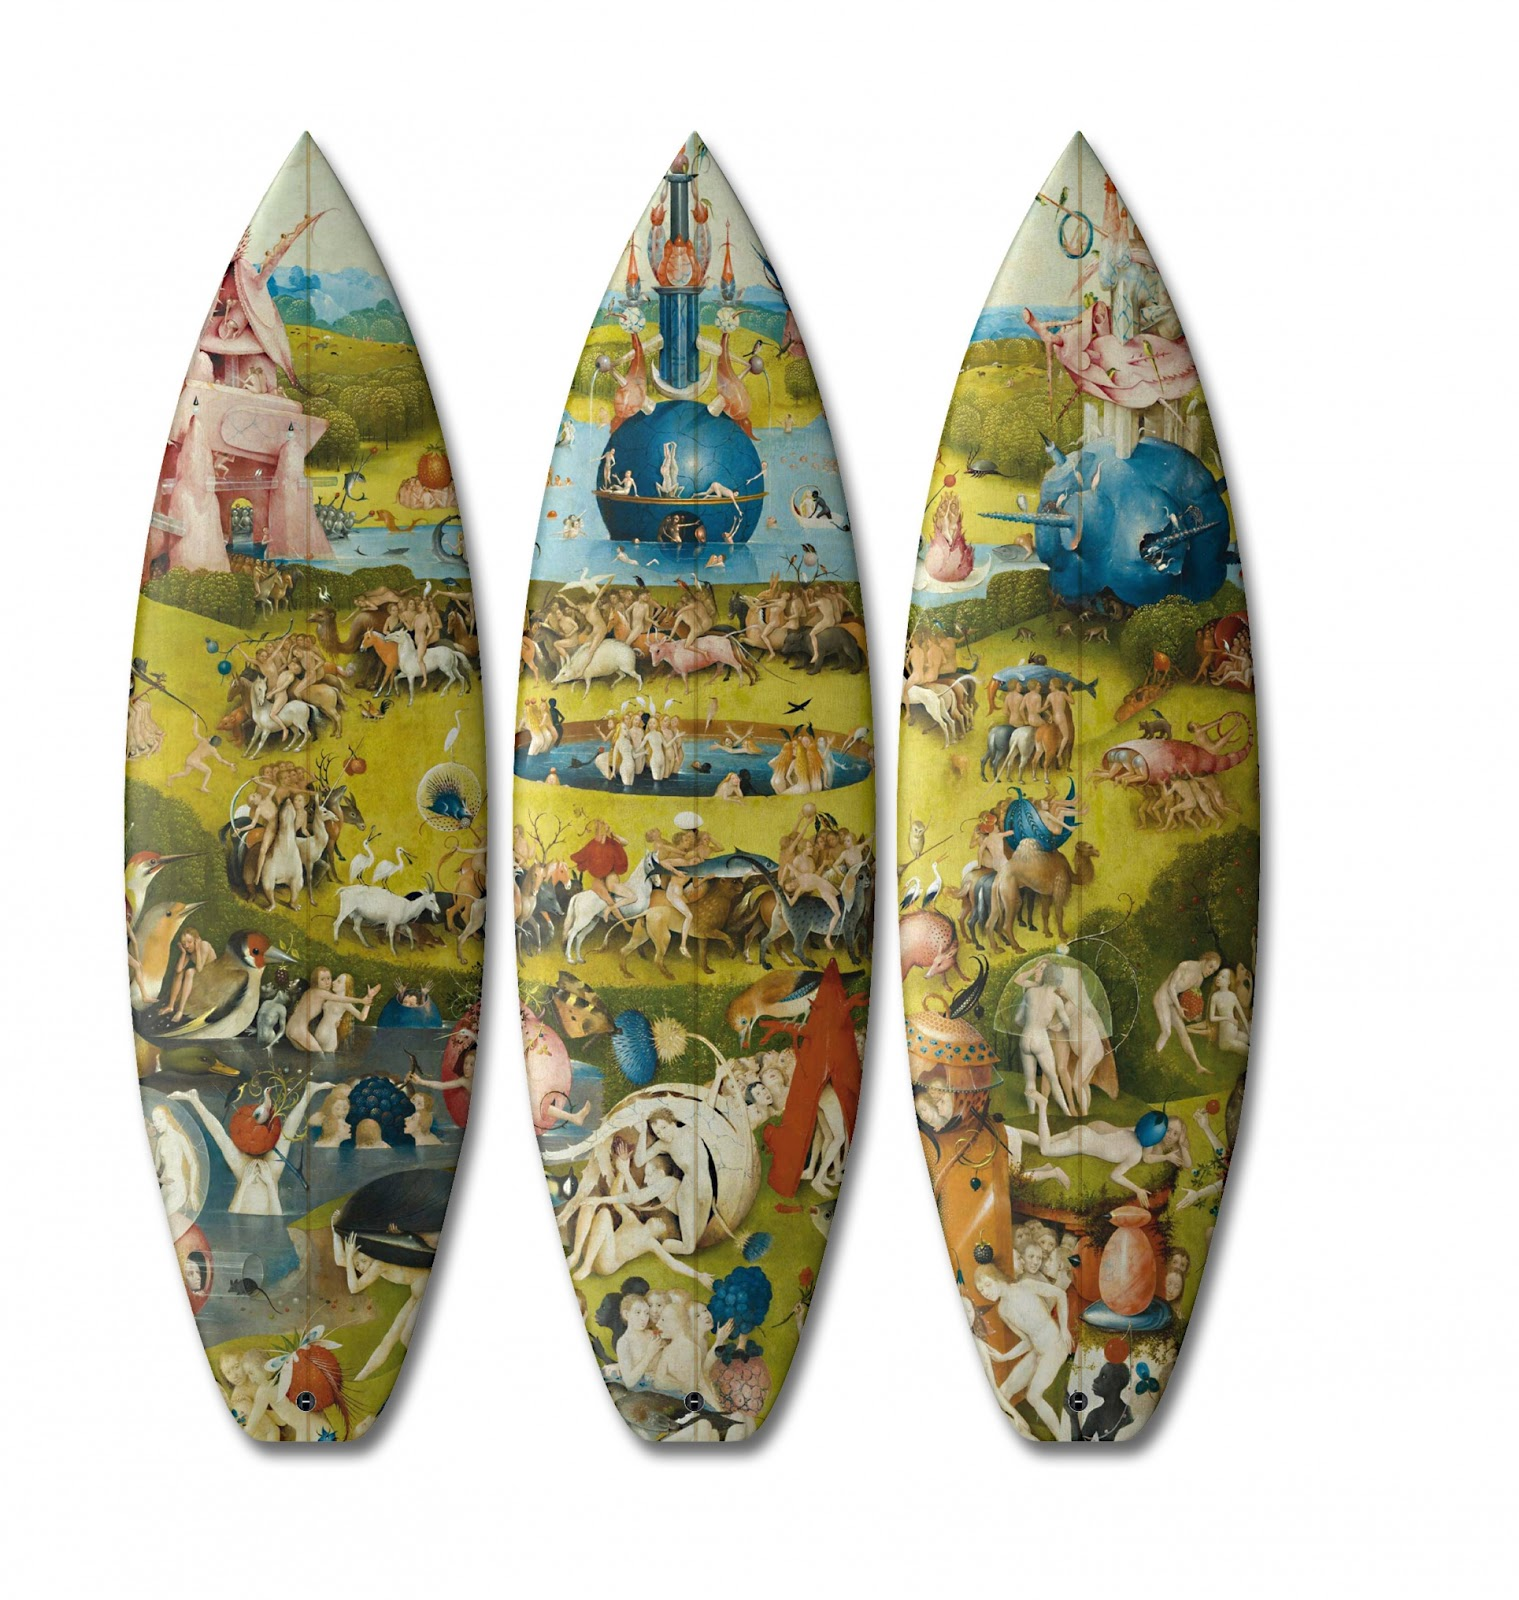 Arte clásico y surf: la obsesión de los franceses Boom-Art